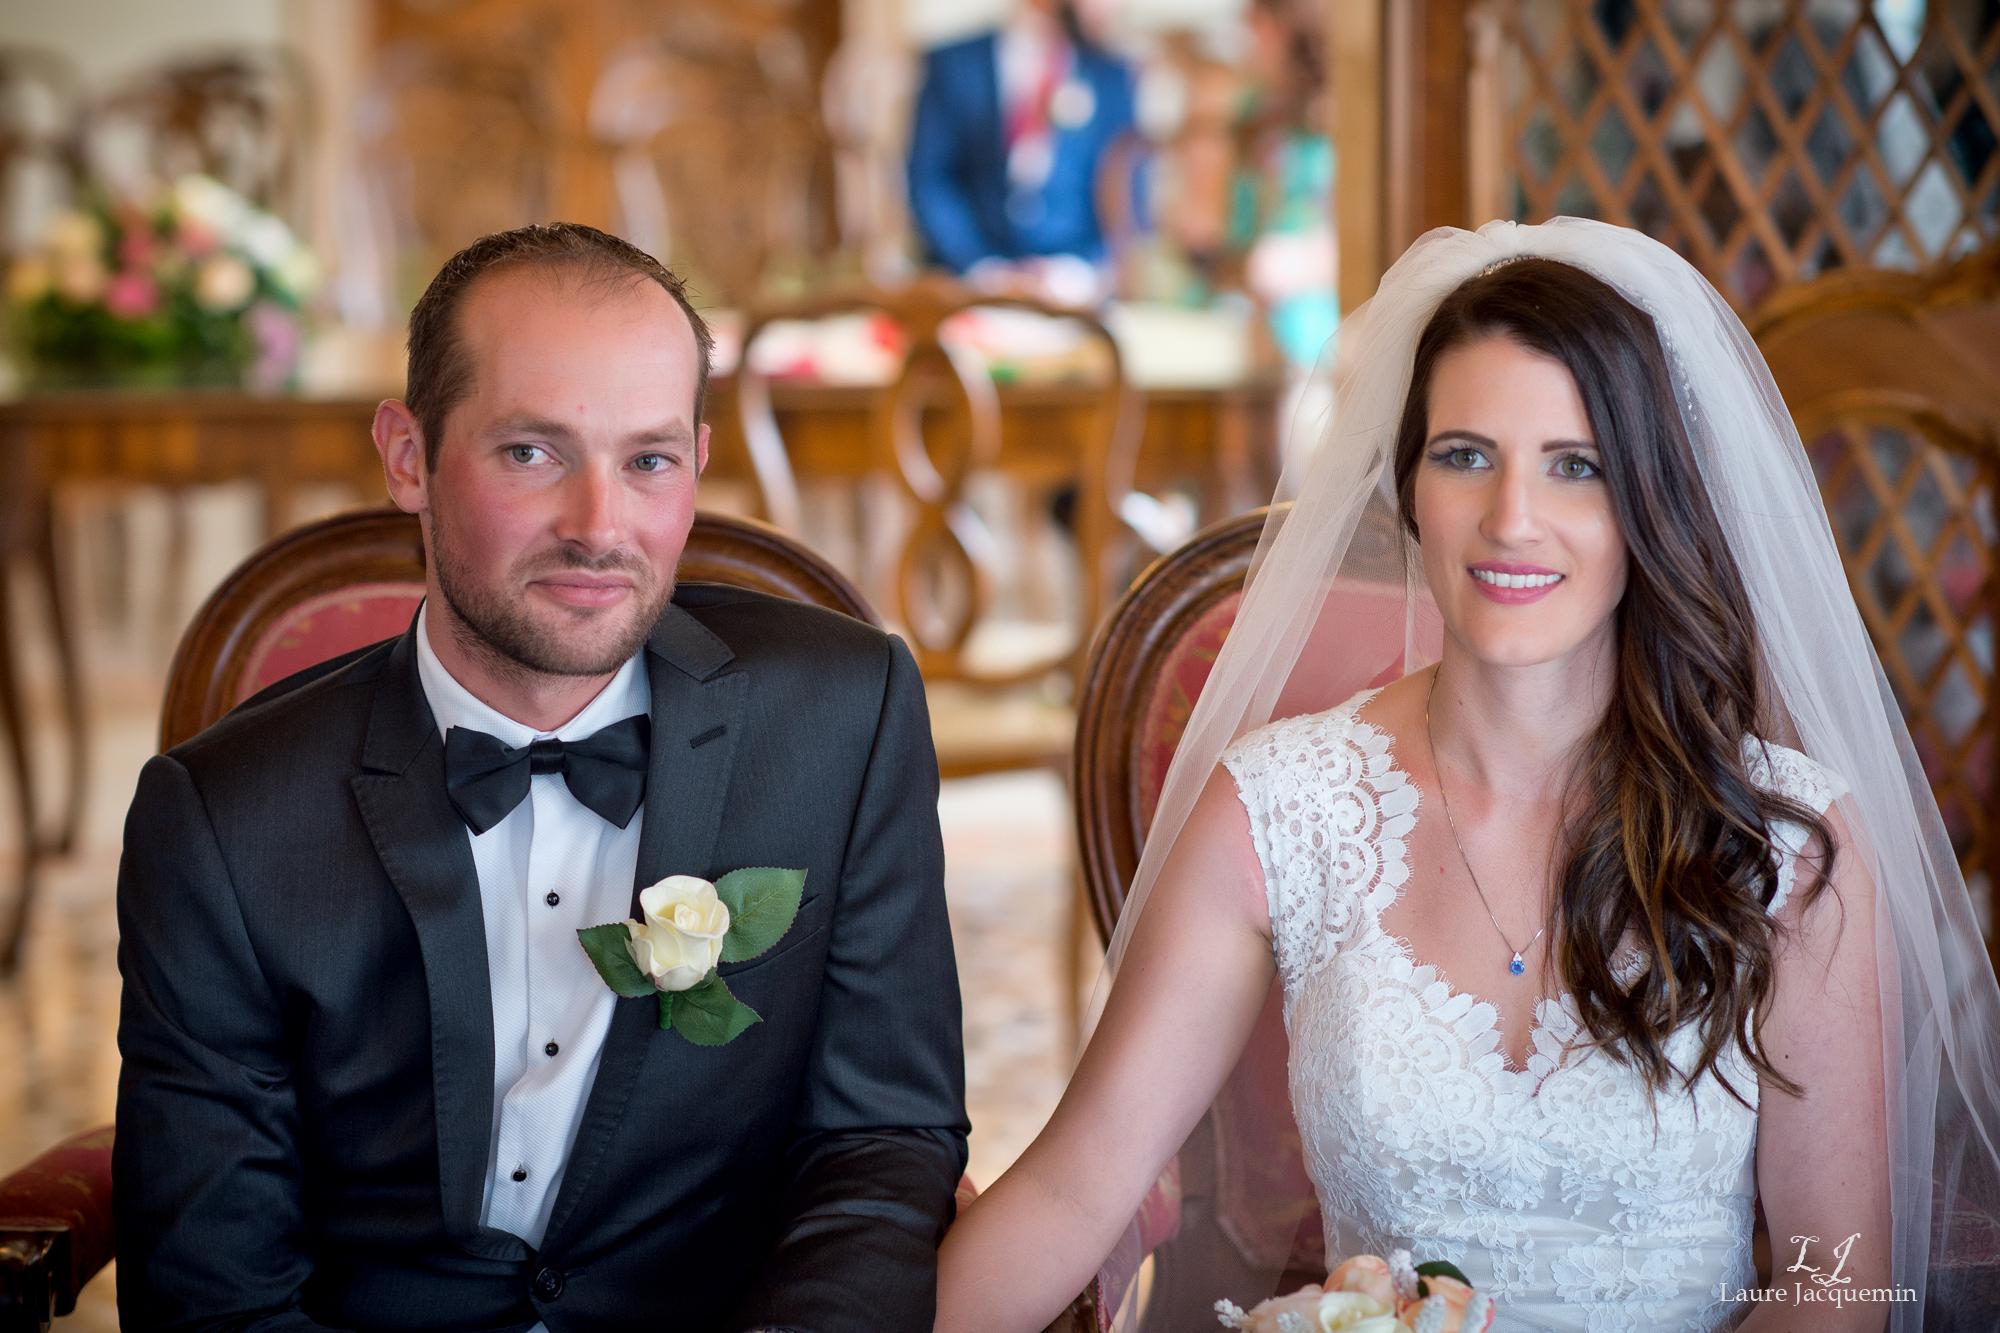 photographe mariage laure jacquemin palazzo cavalli service photographique (14)